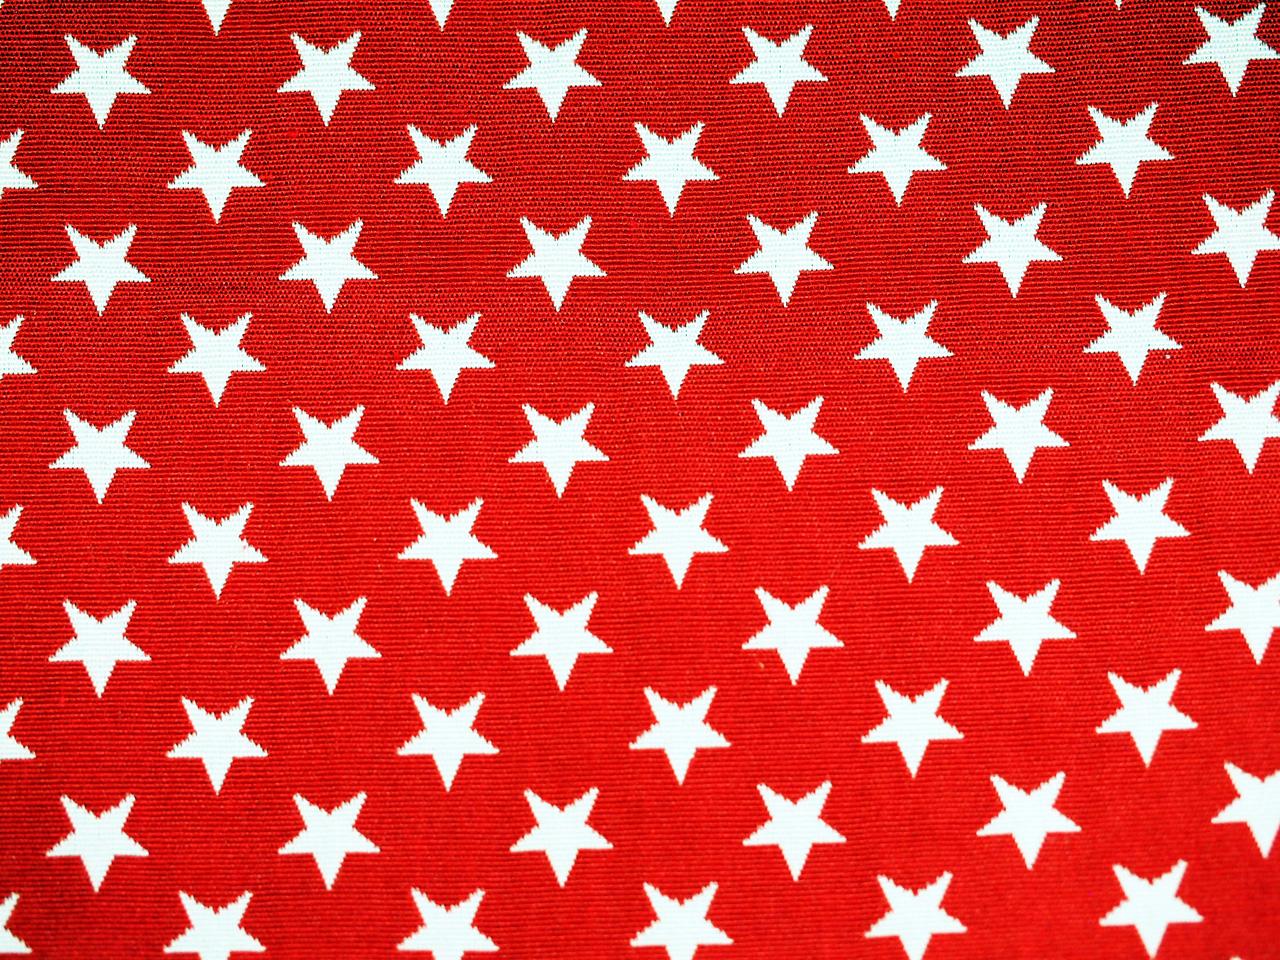 Sterne, weiß auf rot, Stoff Rückseite, Leckerlibeutel, Perlen vor die Hunde